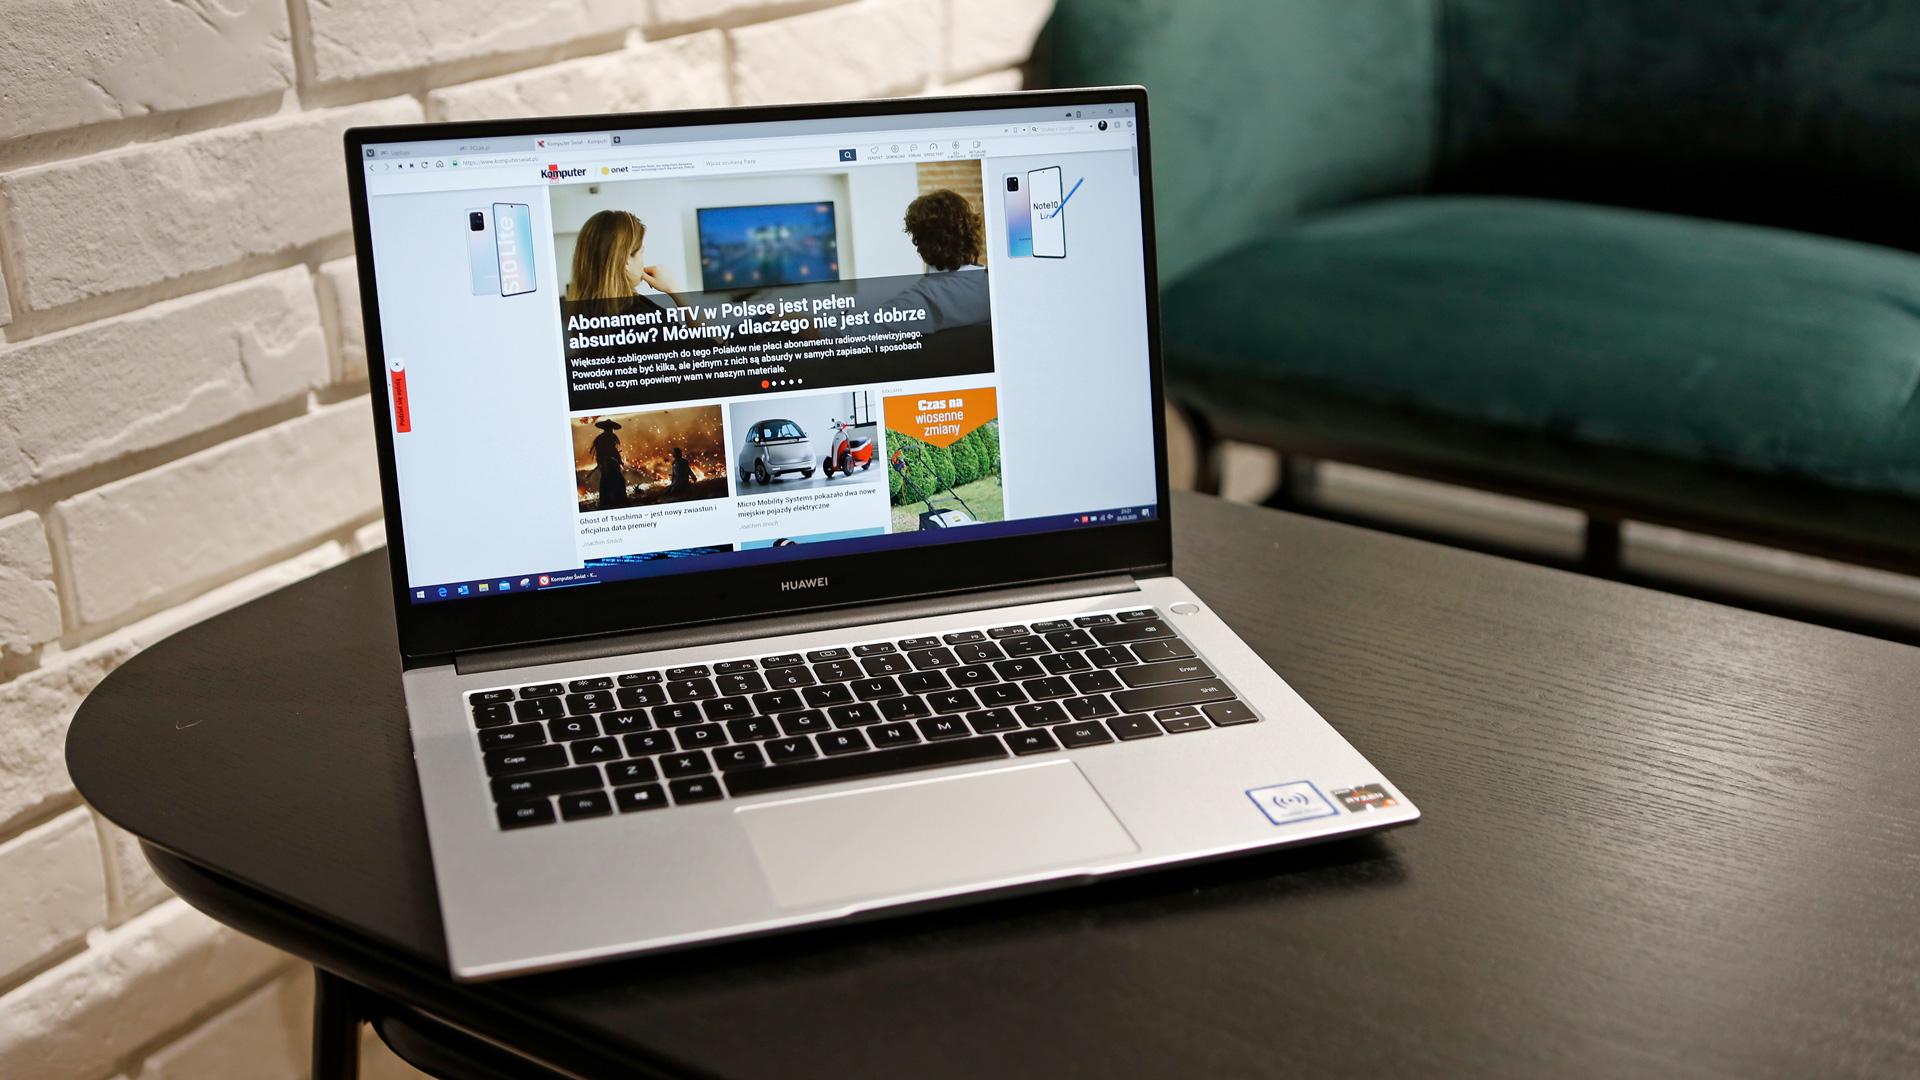 Huawei MateBook D14 (2020) berrikuspena - ordenagailu eramangarririk onena (trinkoa) PLN 3.000 arte?